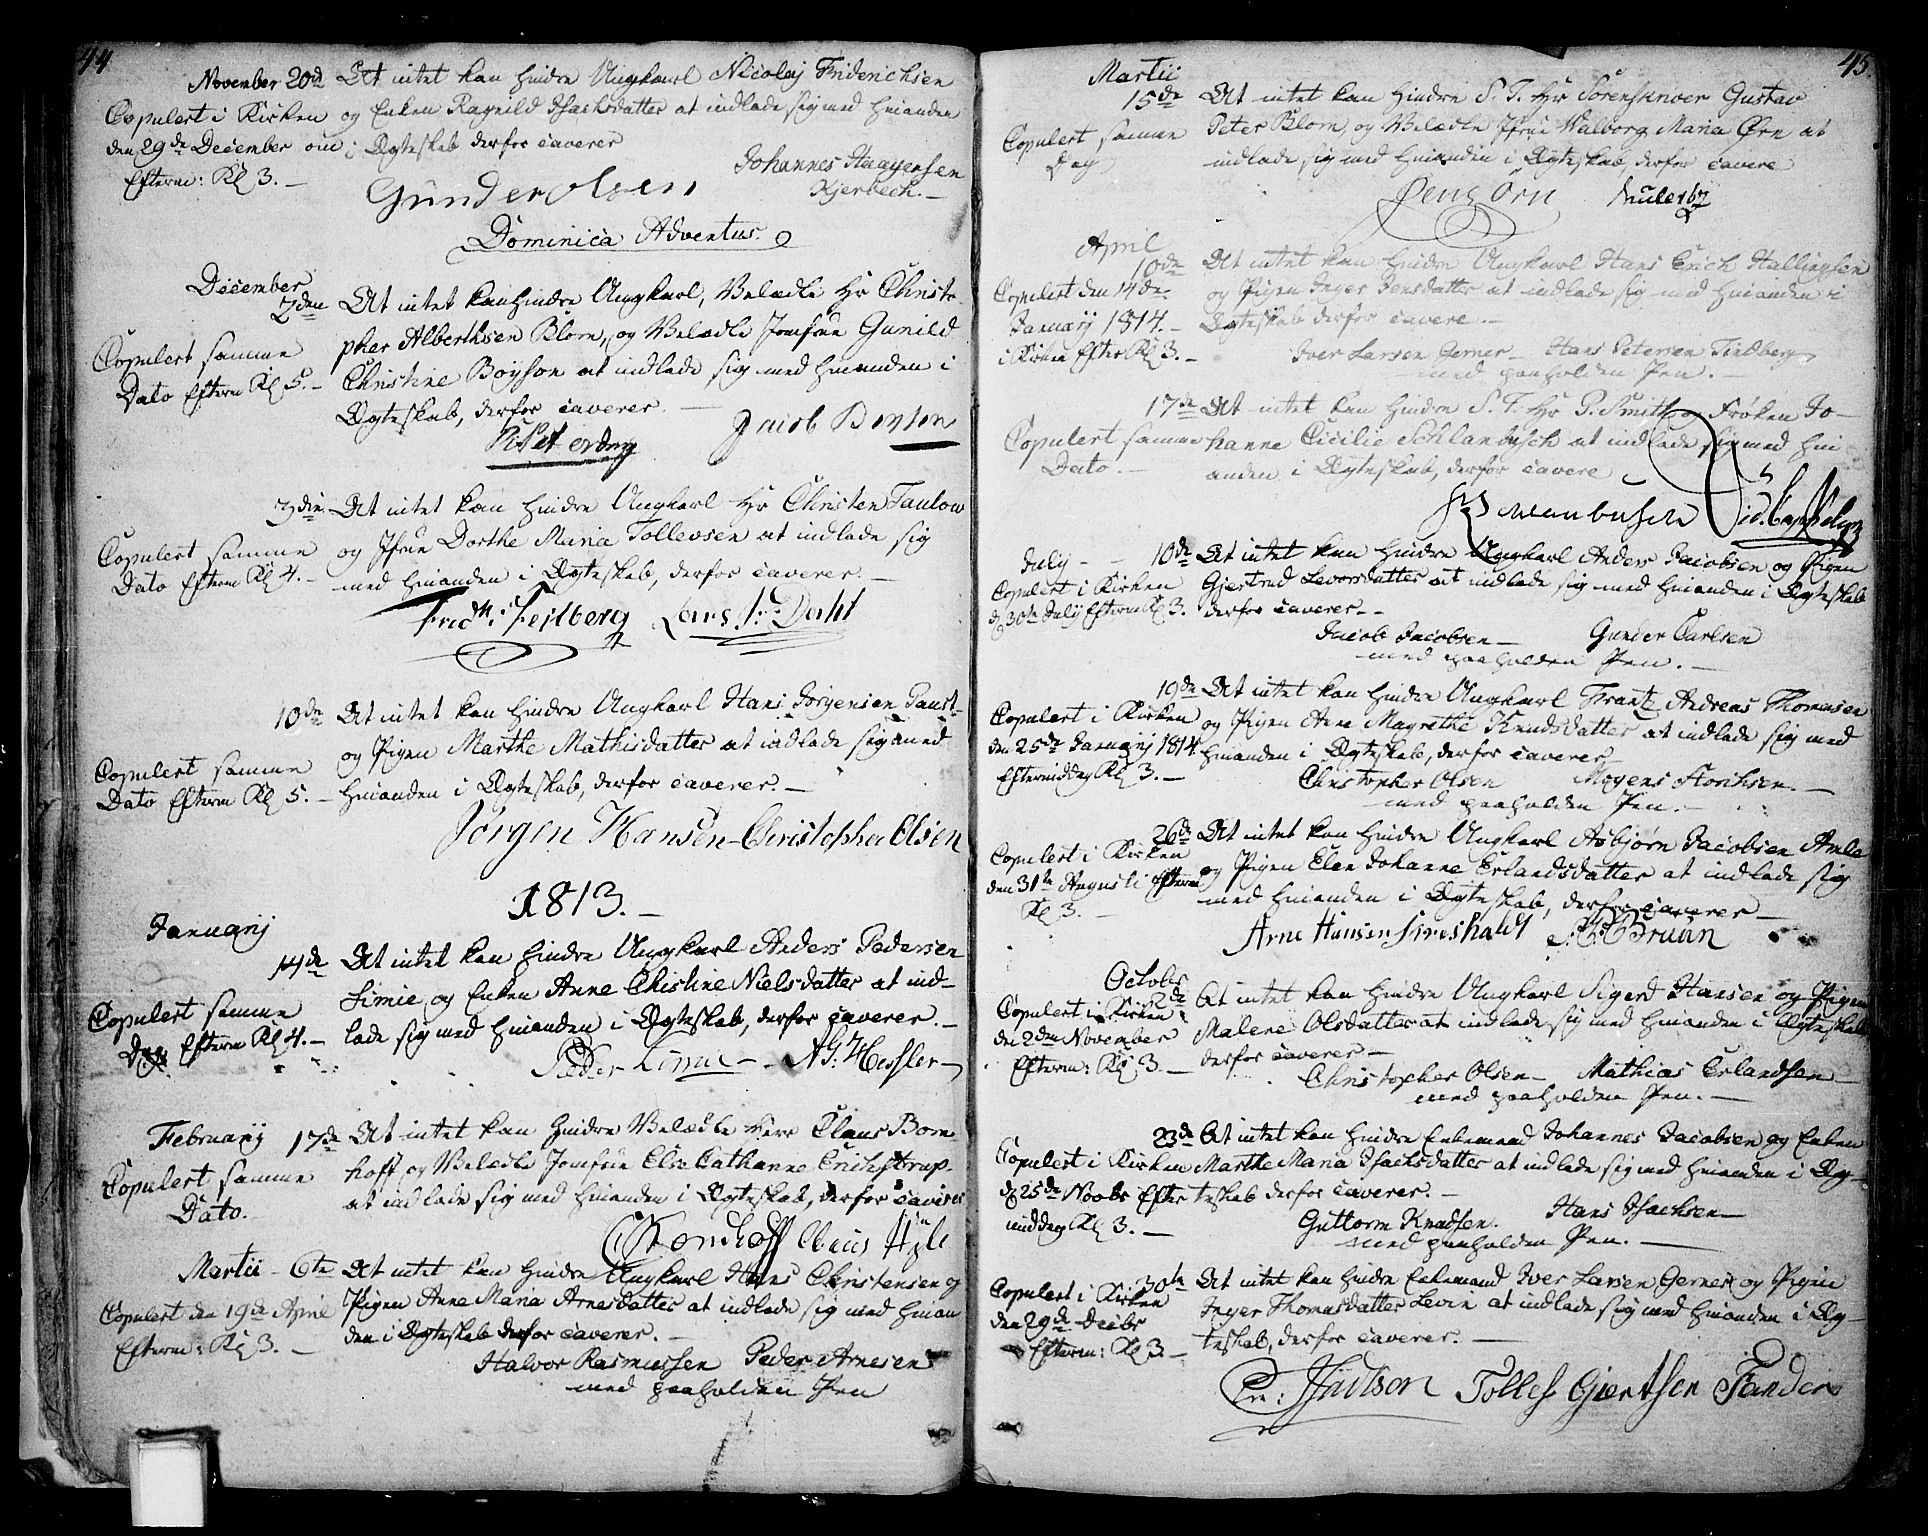 SAKO, Skien kirkebøker, F/Fa/L0004: Ministerialbok nr. 4, 1792-1814, s. 44-45